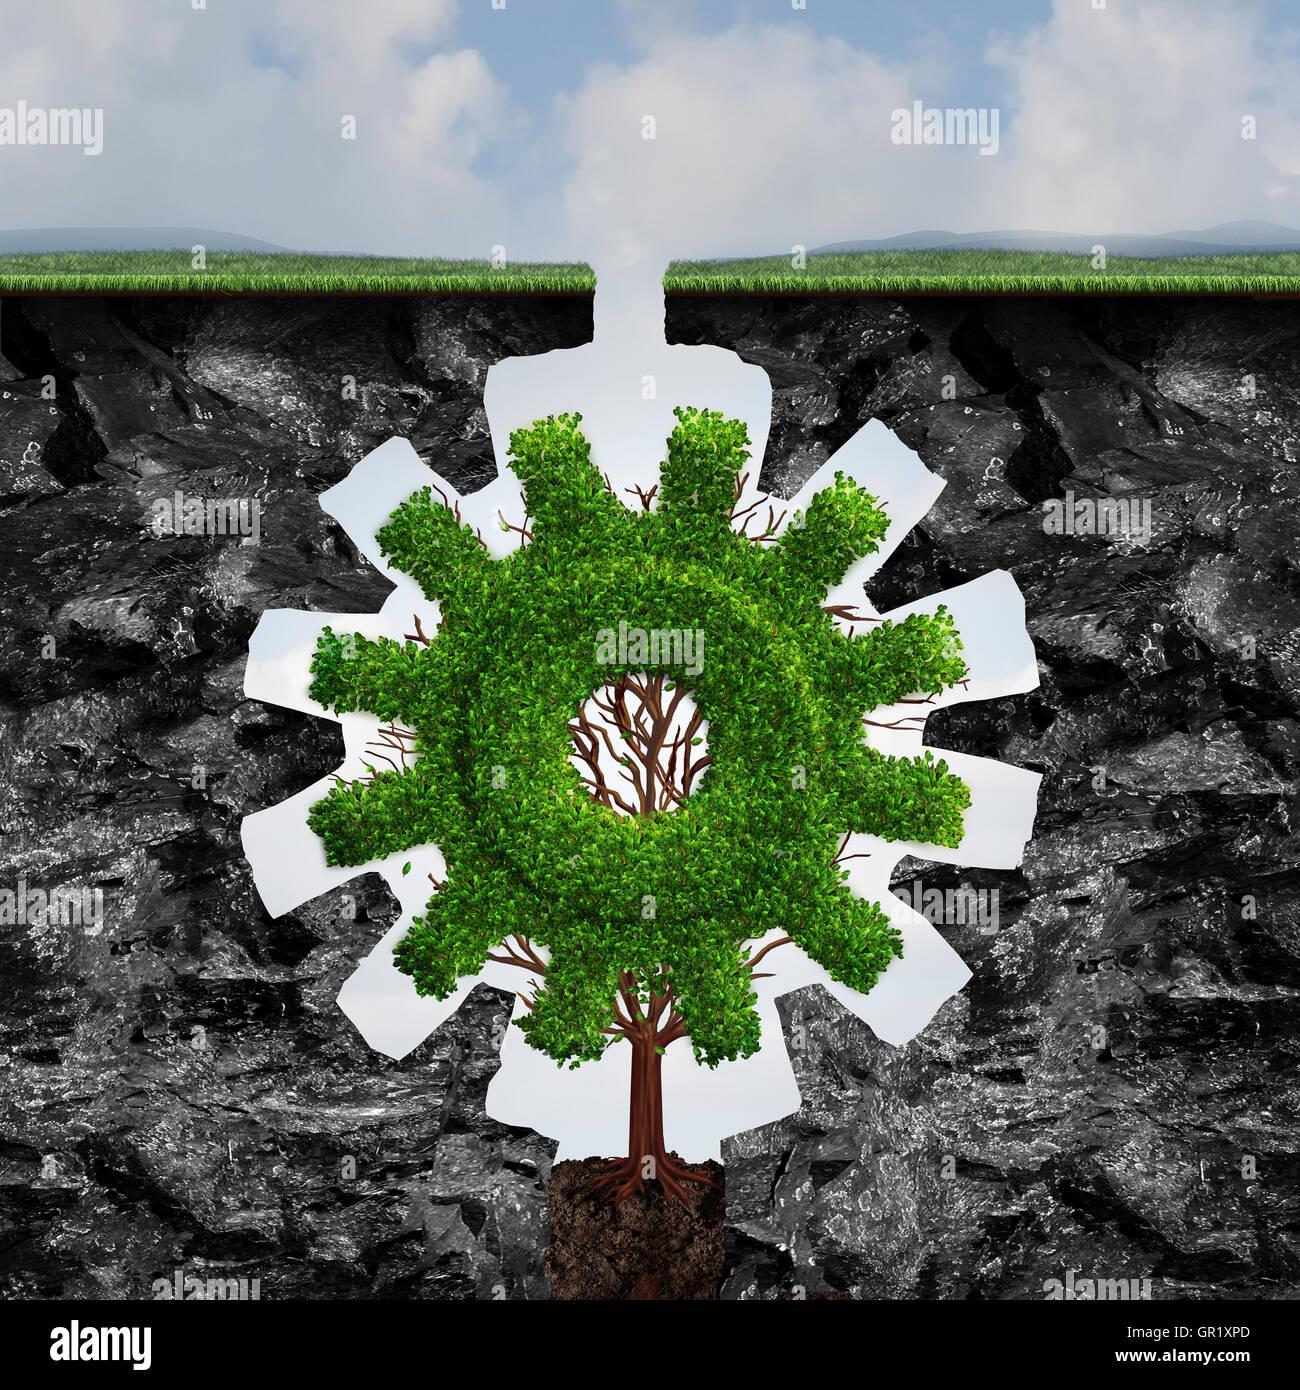 Benutzerdefinierte Geschäftskonzept als Baum geformt wie ein Zahnrad oder Zahn wachsen und zwischen zwei Felsen Stockbild